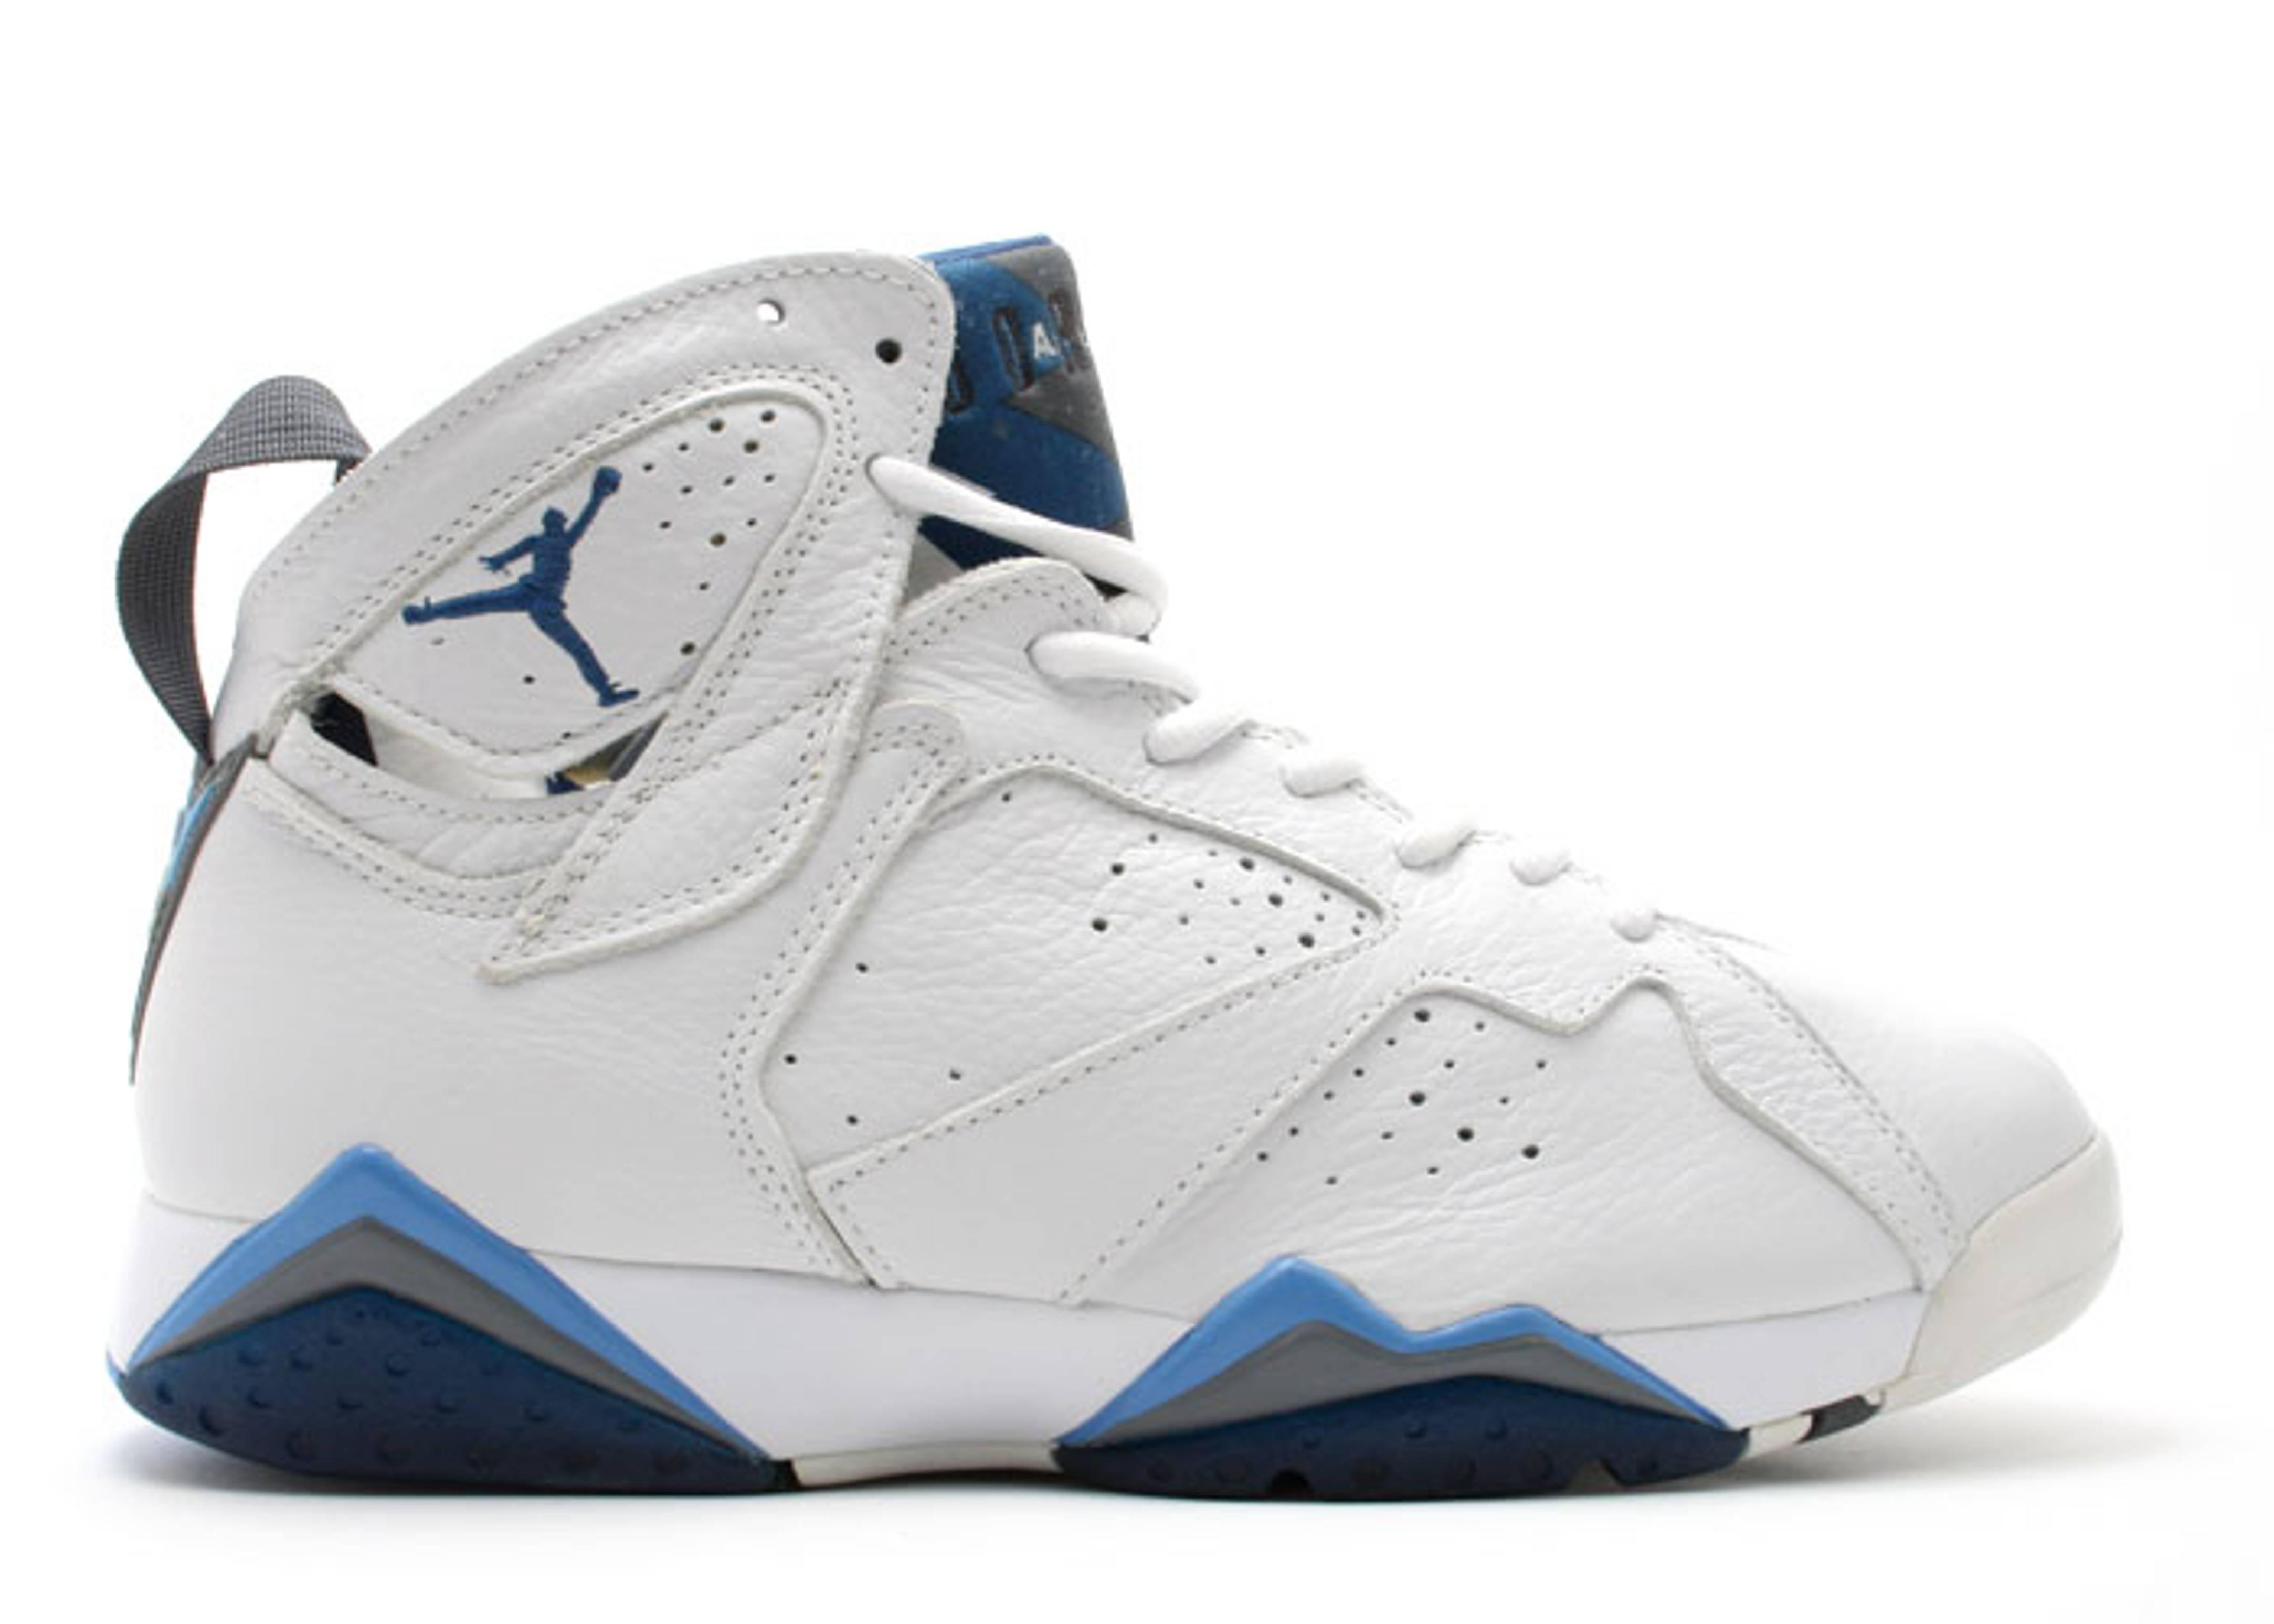 air jordan 7 white and blue